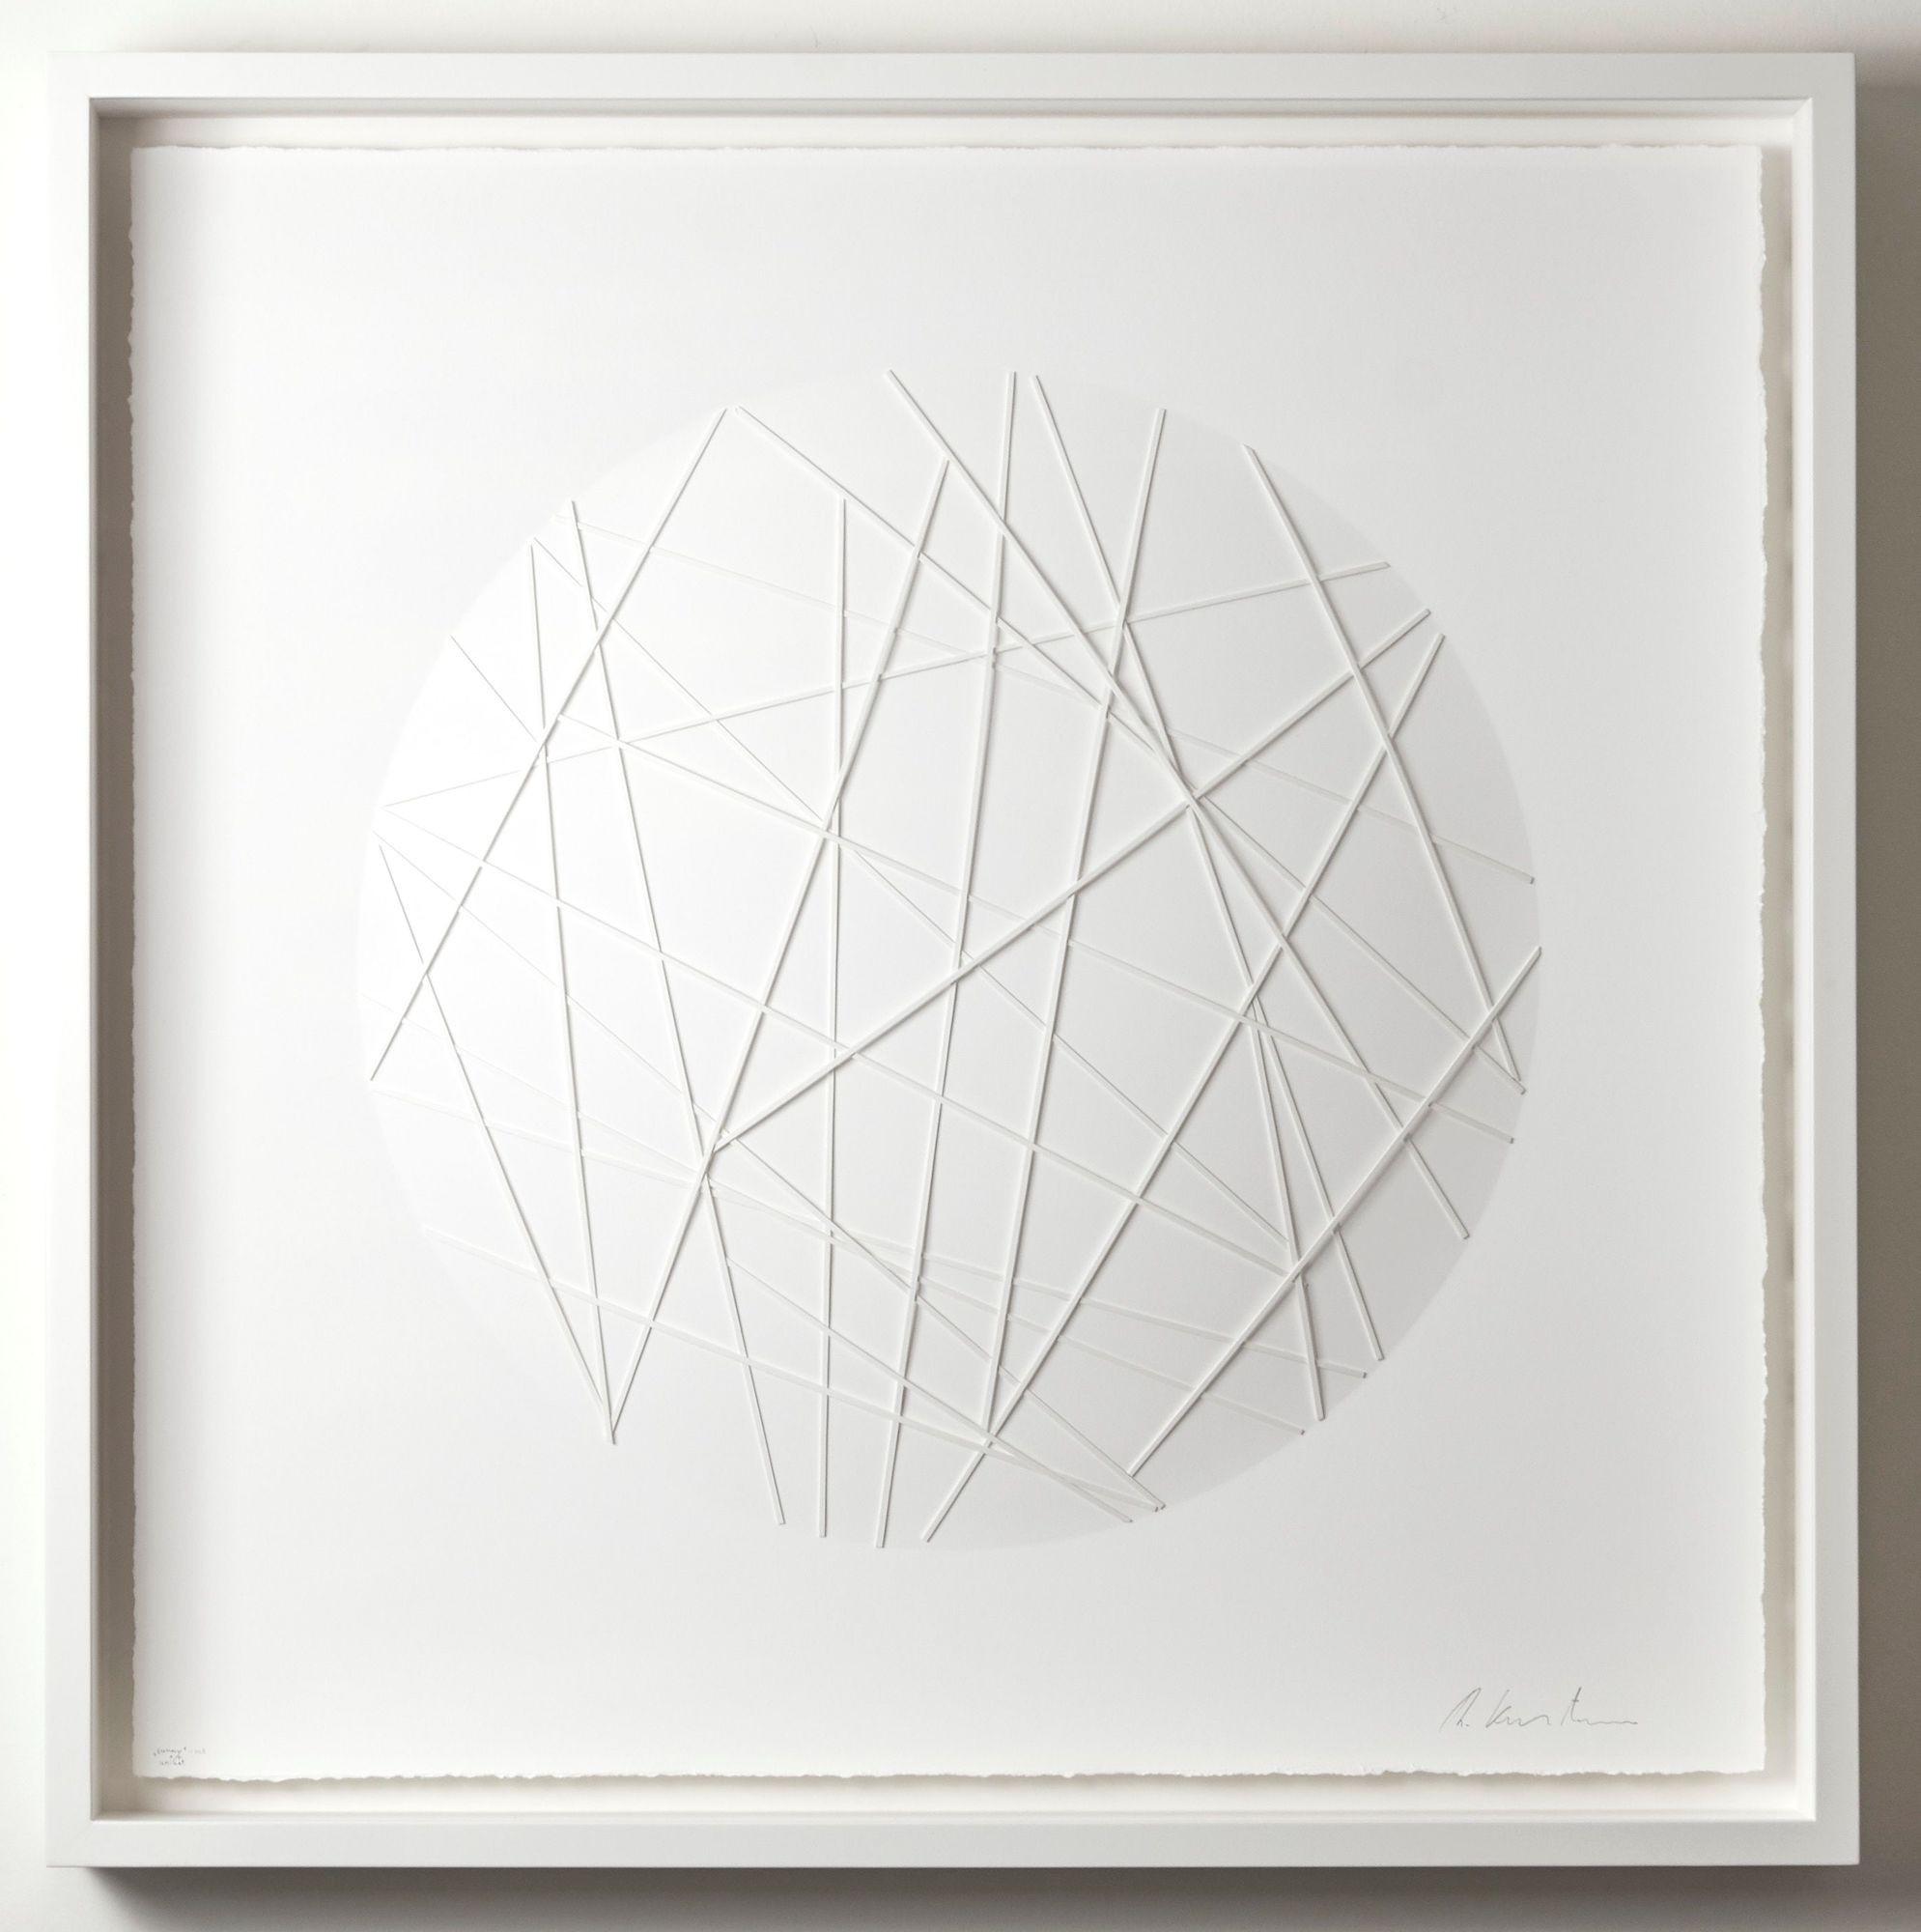 Ralph Kerstner: Sunny net, Prägegrafik, 100 x 100 cm, Unikat, 6.900 eur ©Ralph Kerstner